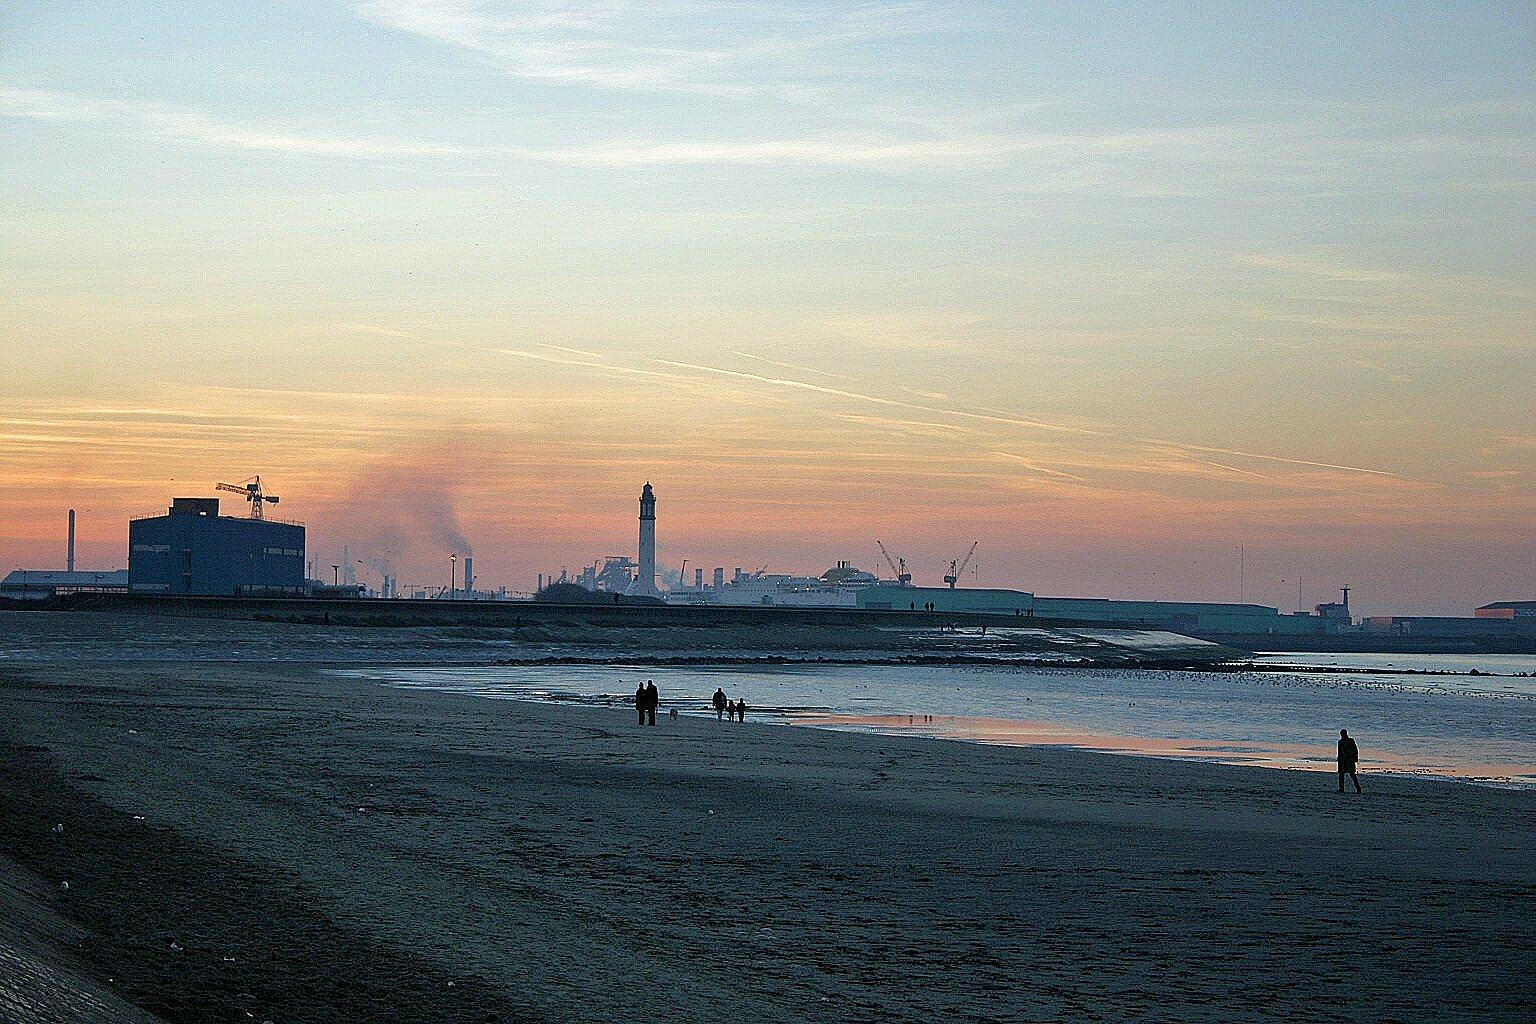 Le port de dunkerque vu de la plage de malo les bains - Piscine de malo les bains ...